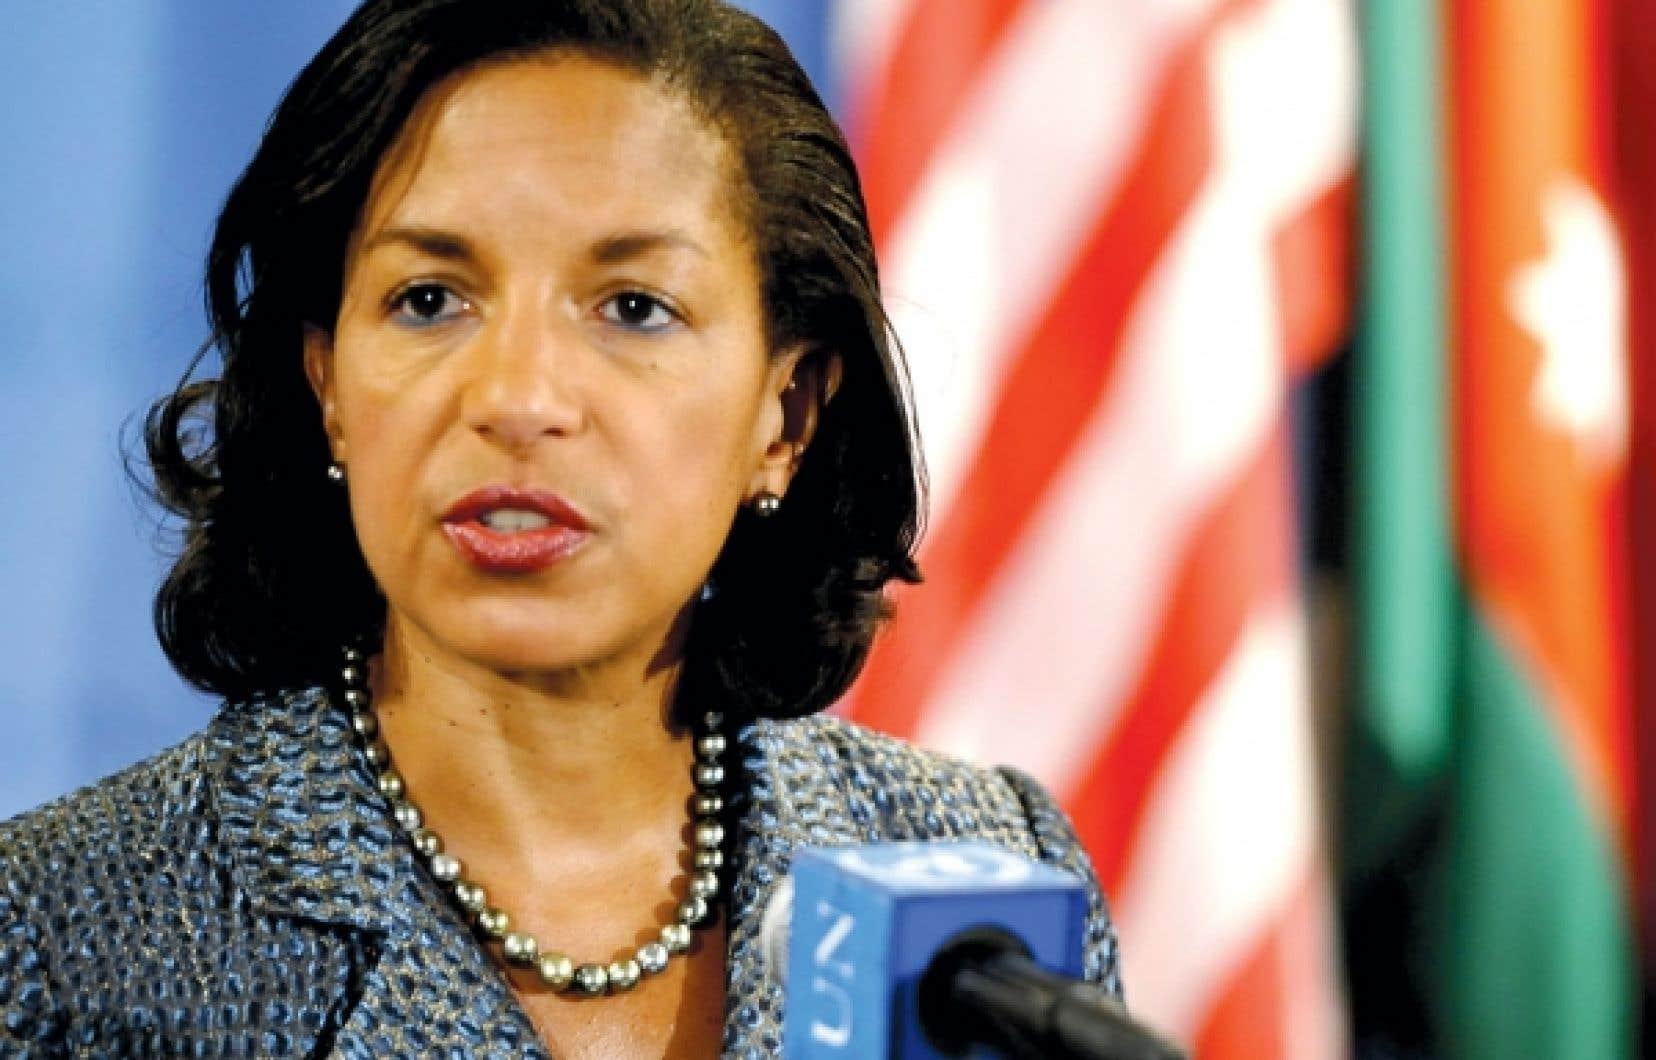 D'après la plupart des observateurs, c'est Susan Rice, présentement ambassadrice aux Nations unies, qui succédera à Hillary Clinton à la tête du Secrétariat d'État américain.